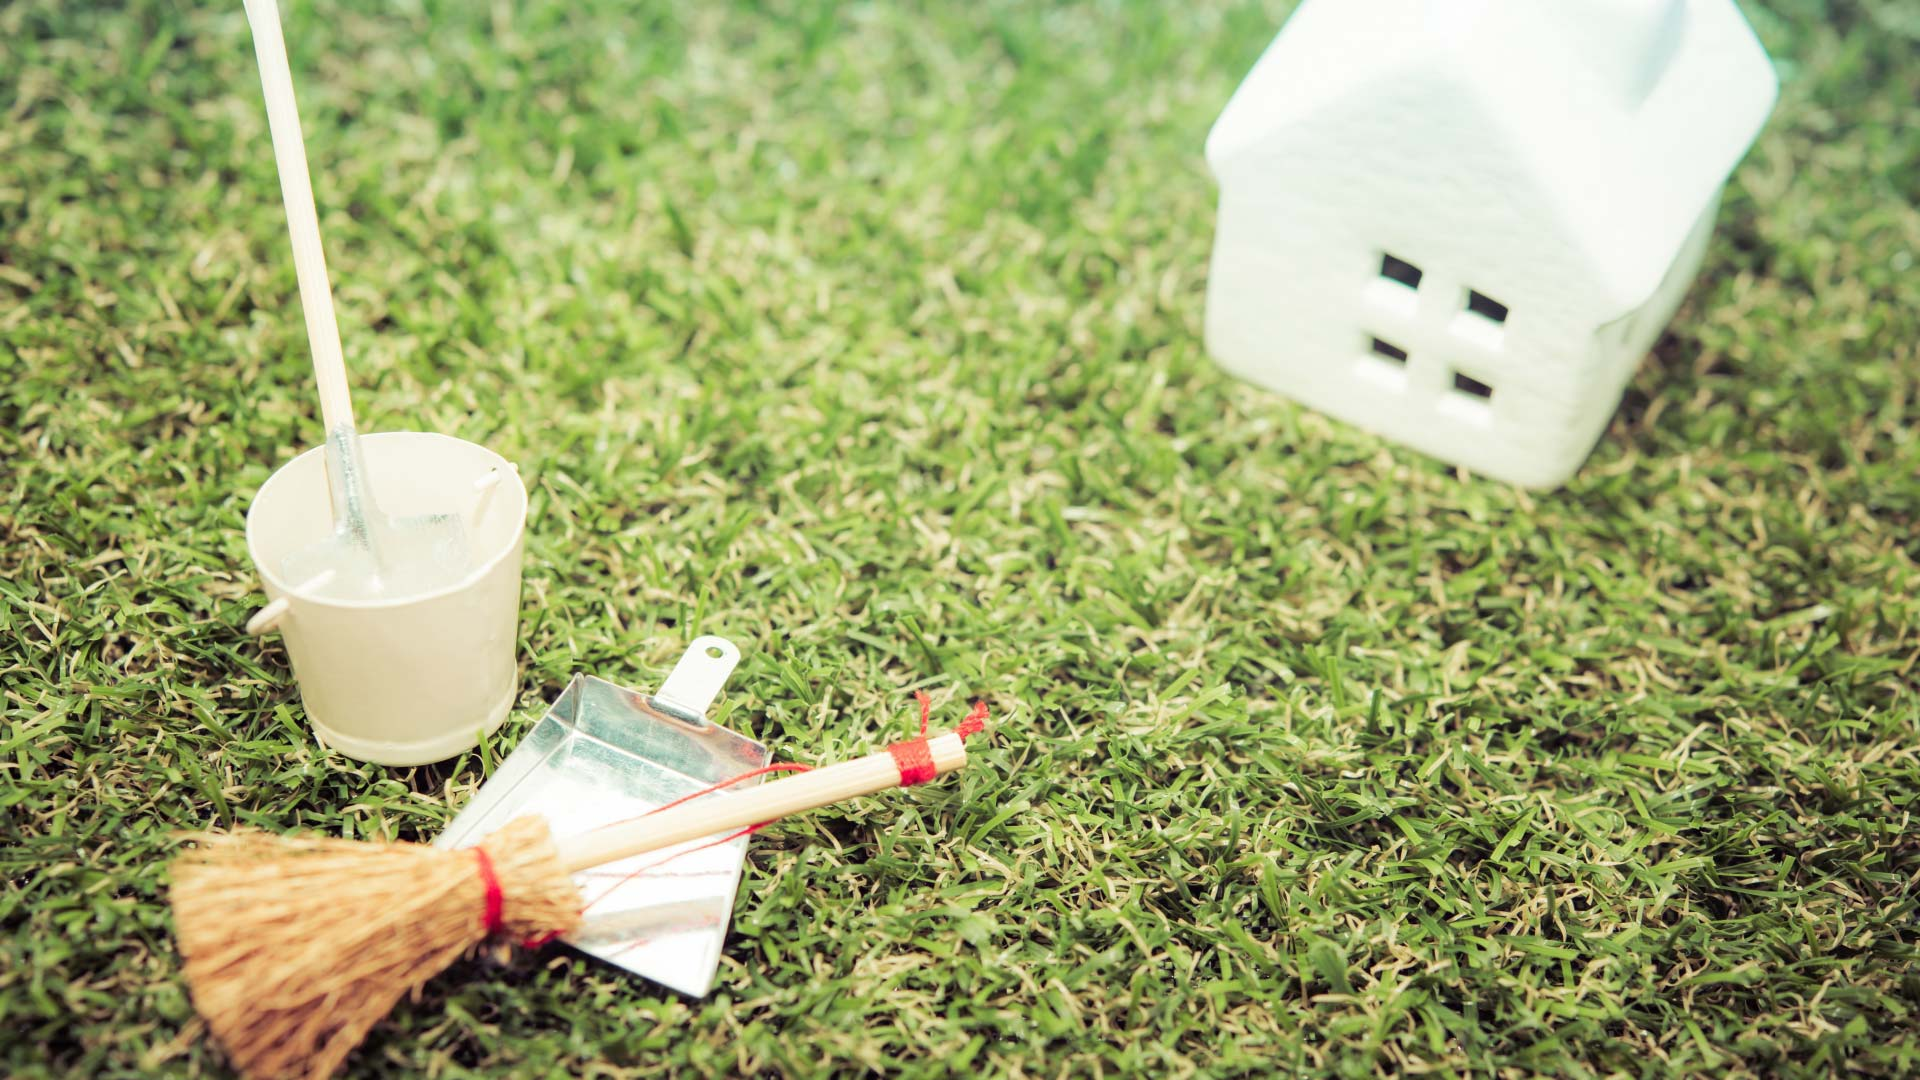 掃除道具と家のミニチュア